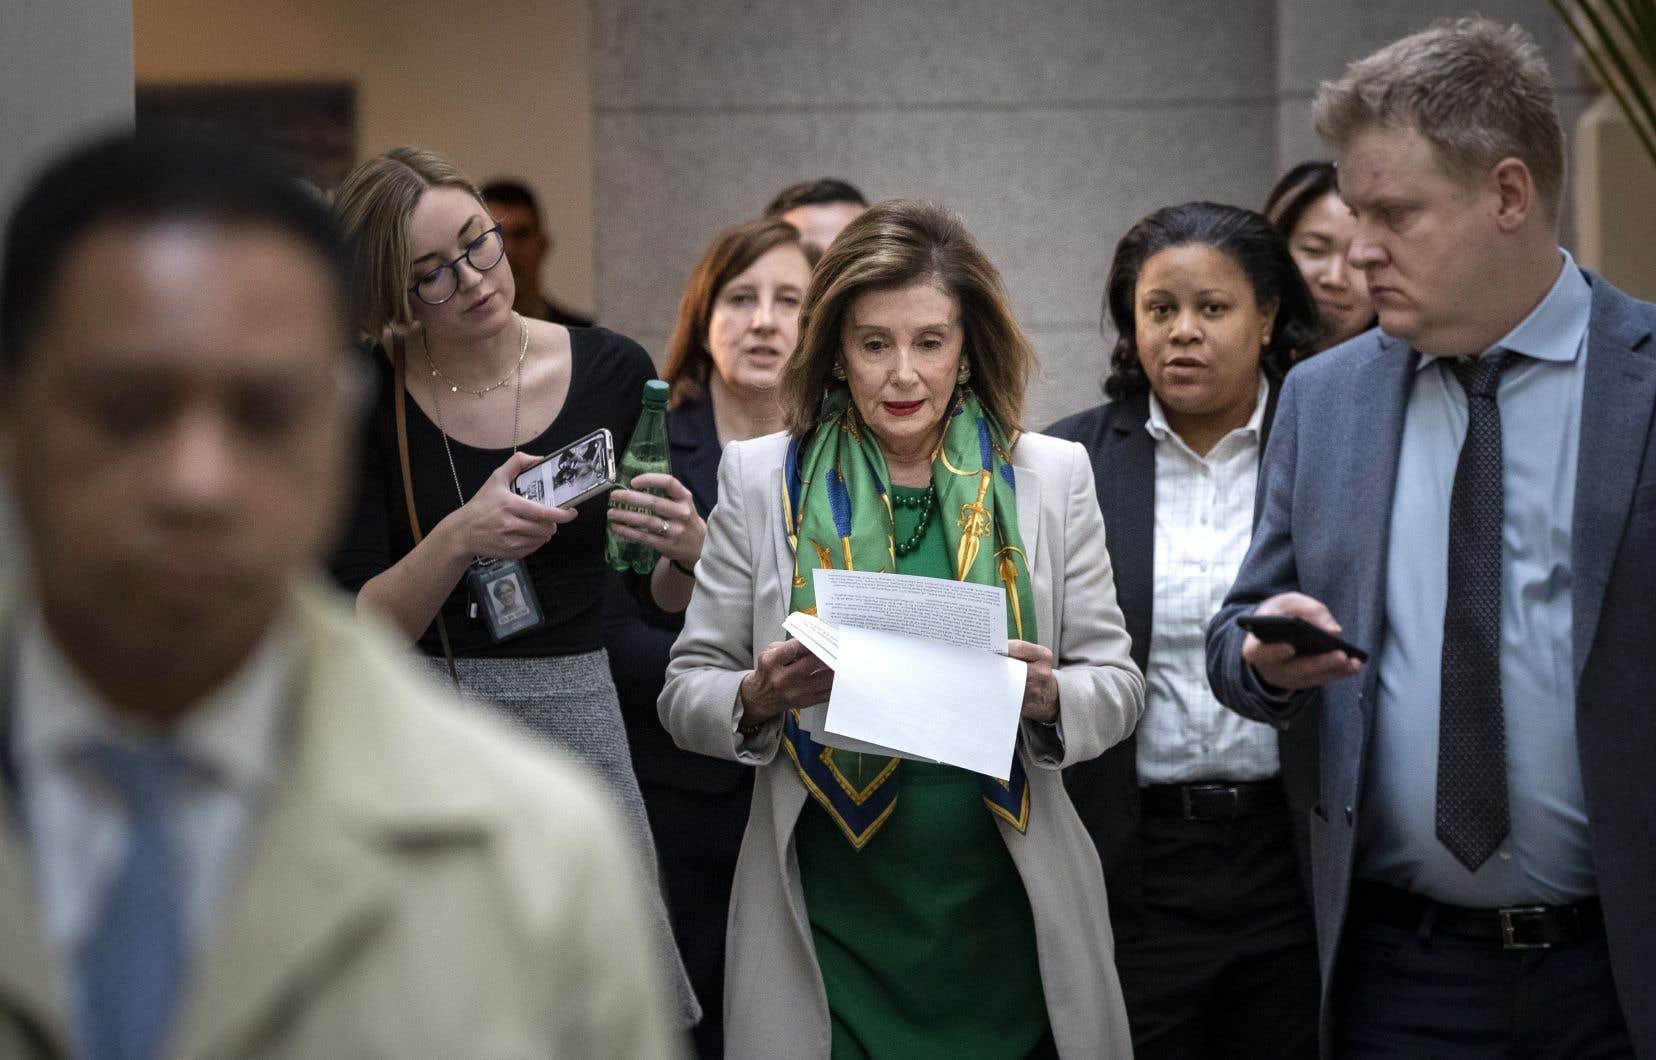 Nancy Pelosi, présidente de la Chambre des représentants, a consulté quelques notes à son arrivée, mardi, au Congrès.